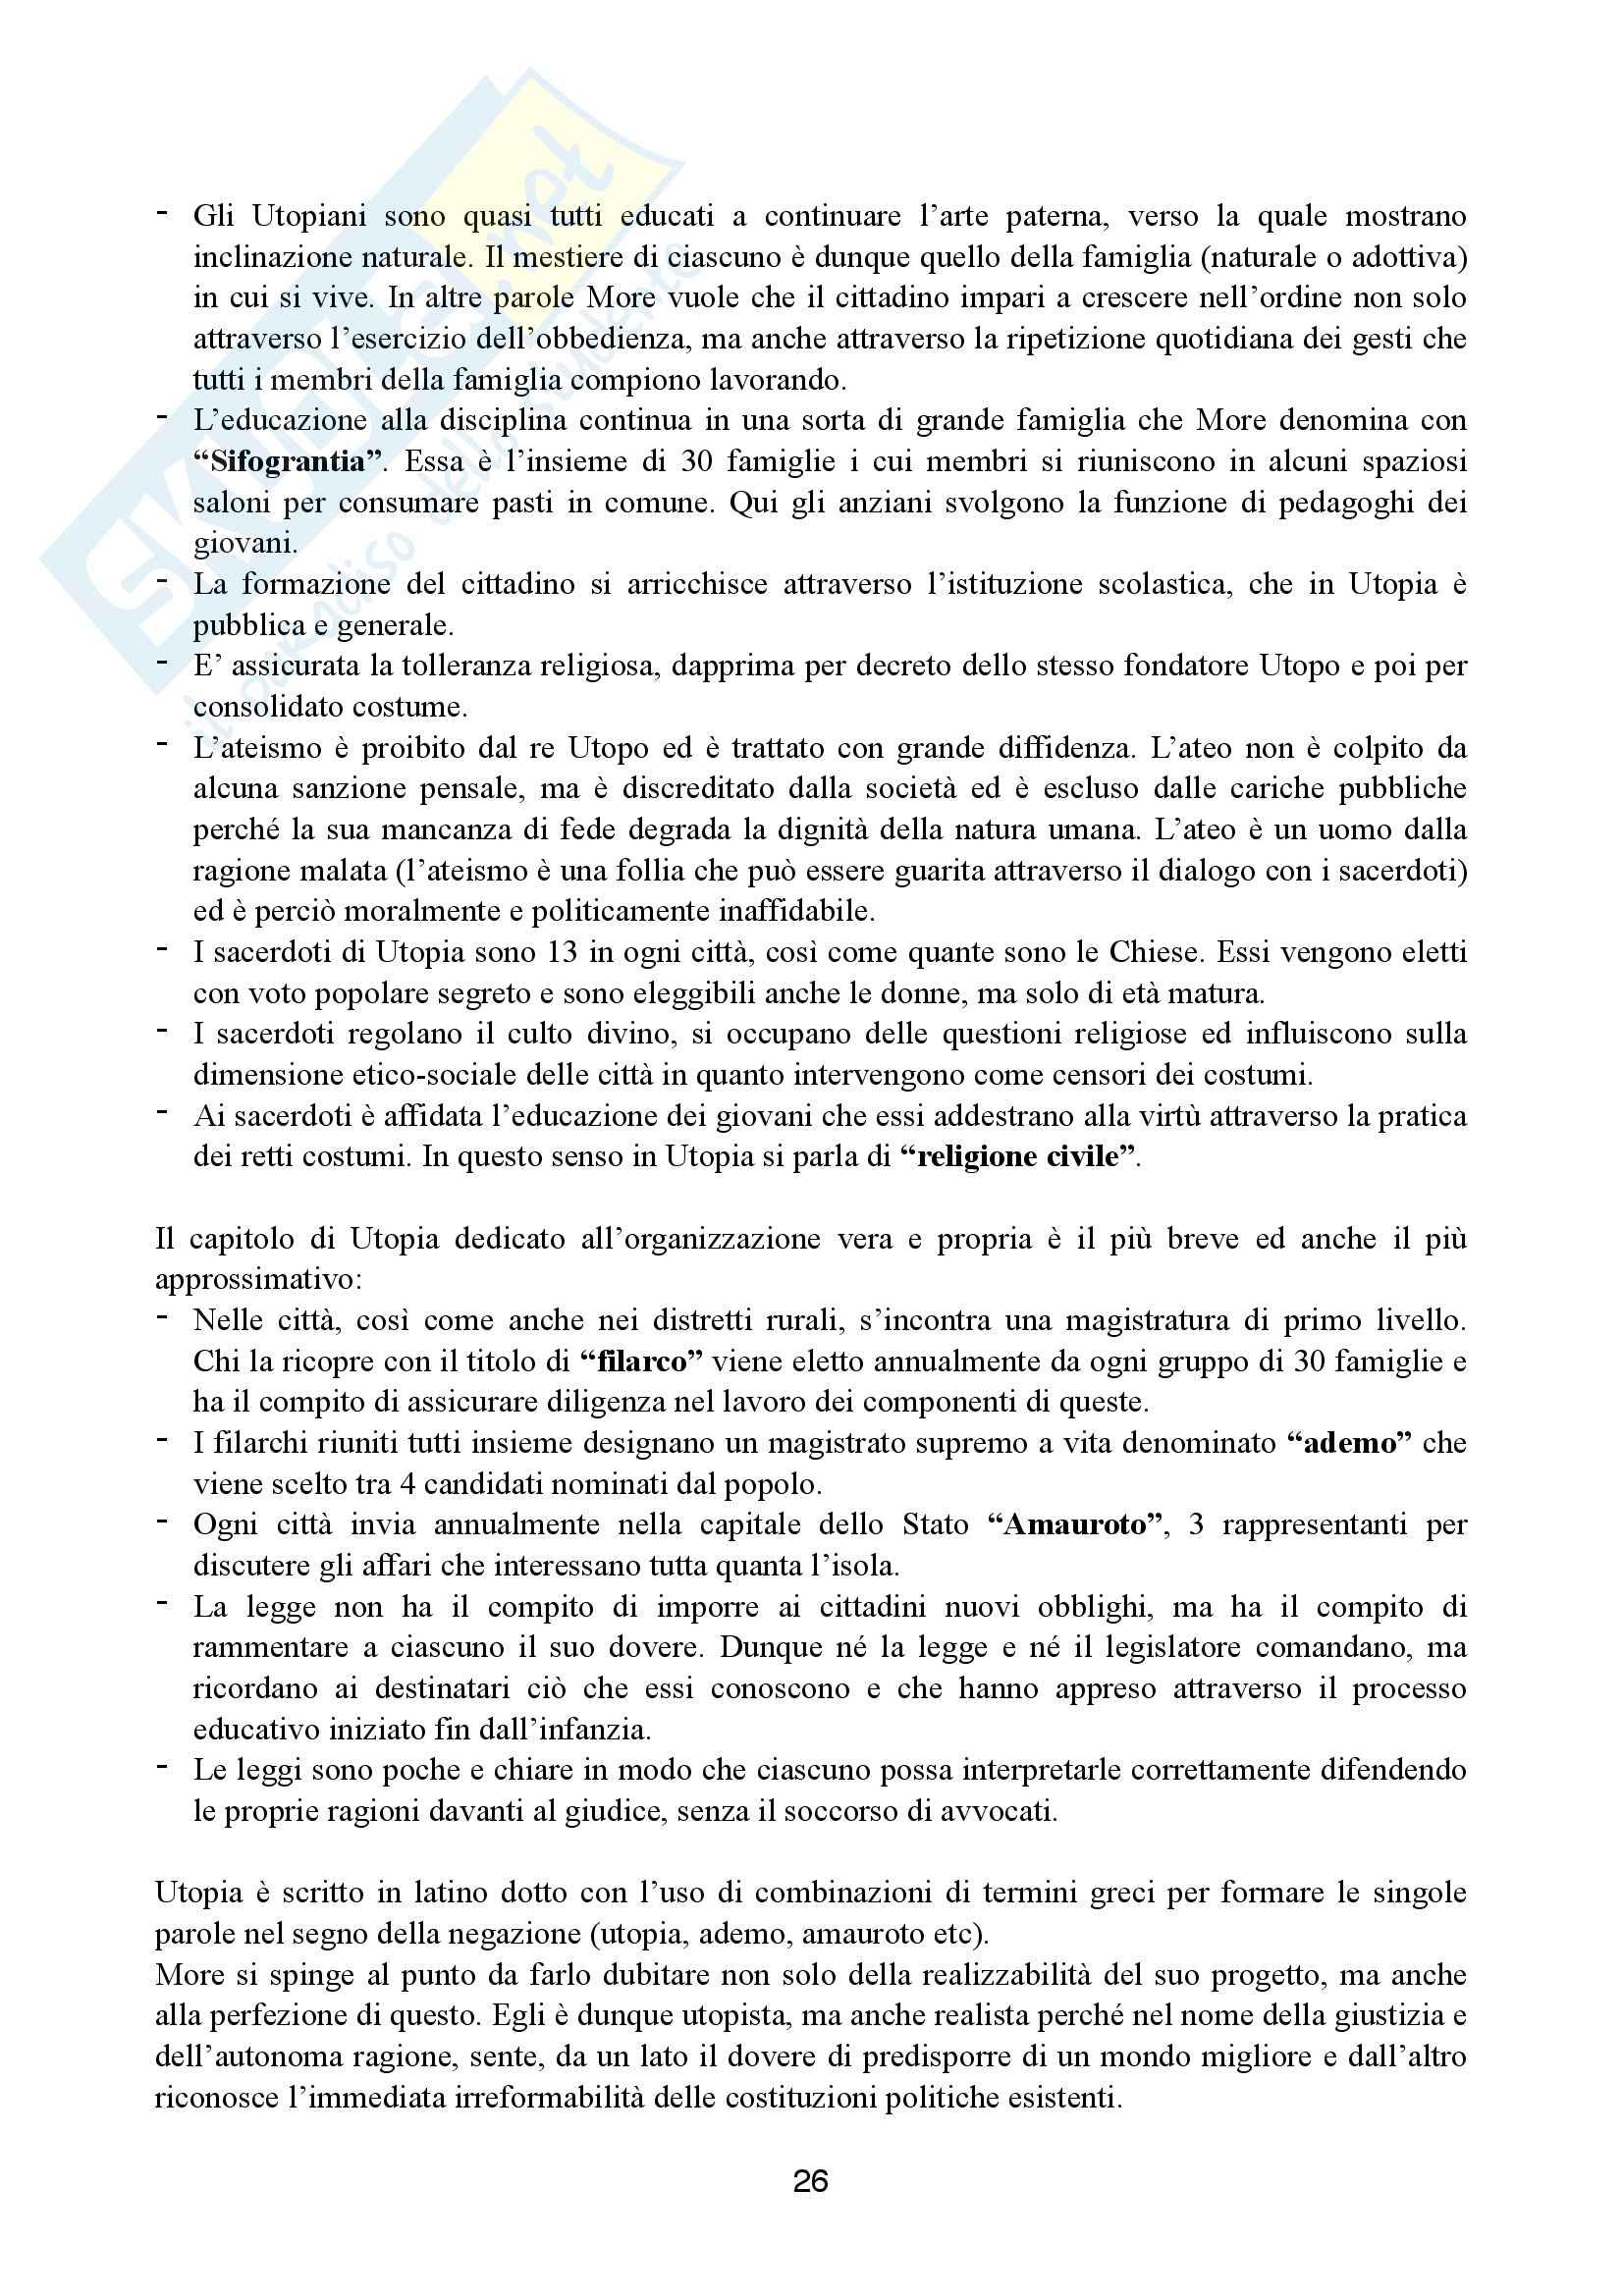 Storia del pensiero politico-dottrine politiche Pag. 26